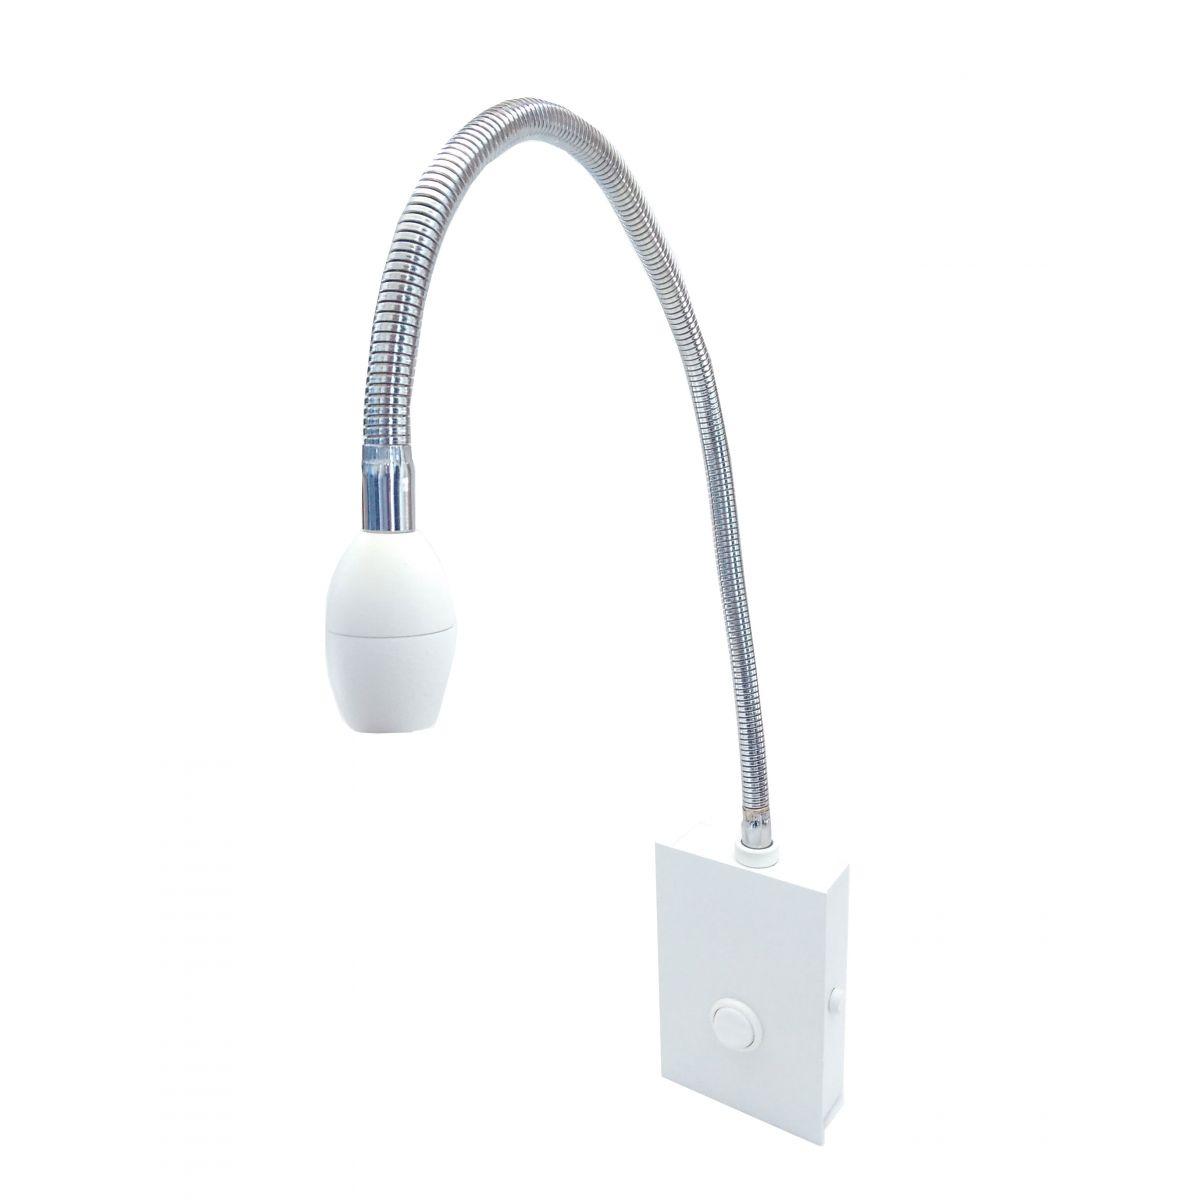 Abajur Articulável para cabeceira Branco LED 3W 3000K Piuluce